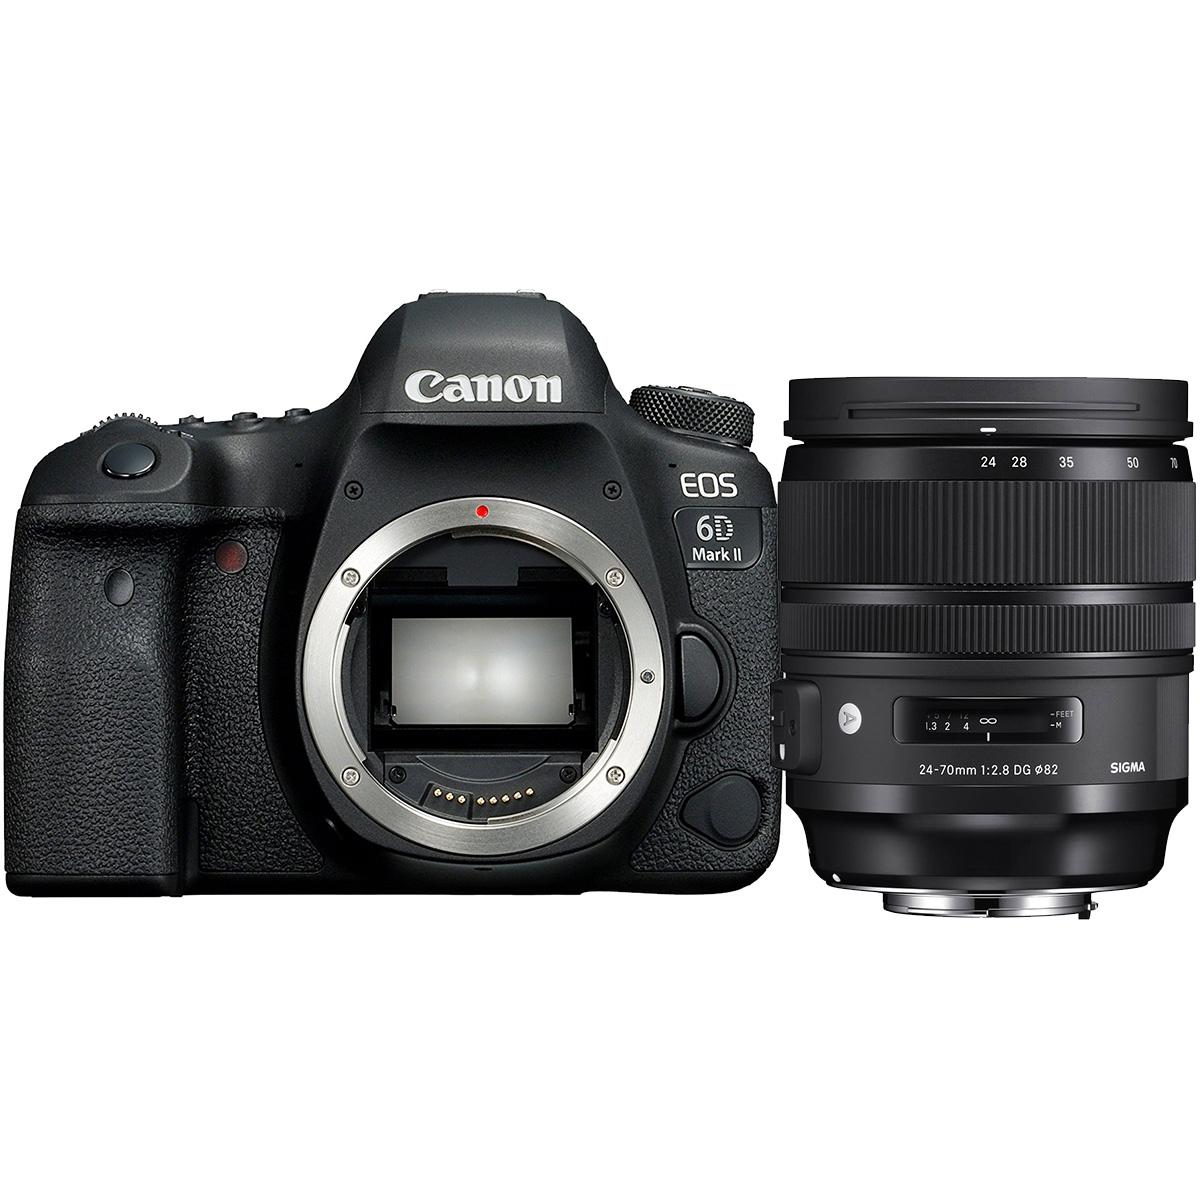 Canon EOS 6D Mark II + Sigma 24-70mm 1:2,8 DG OS HSM (A)